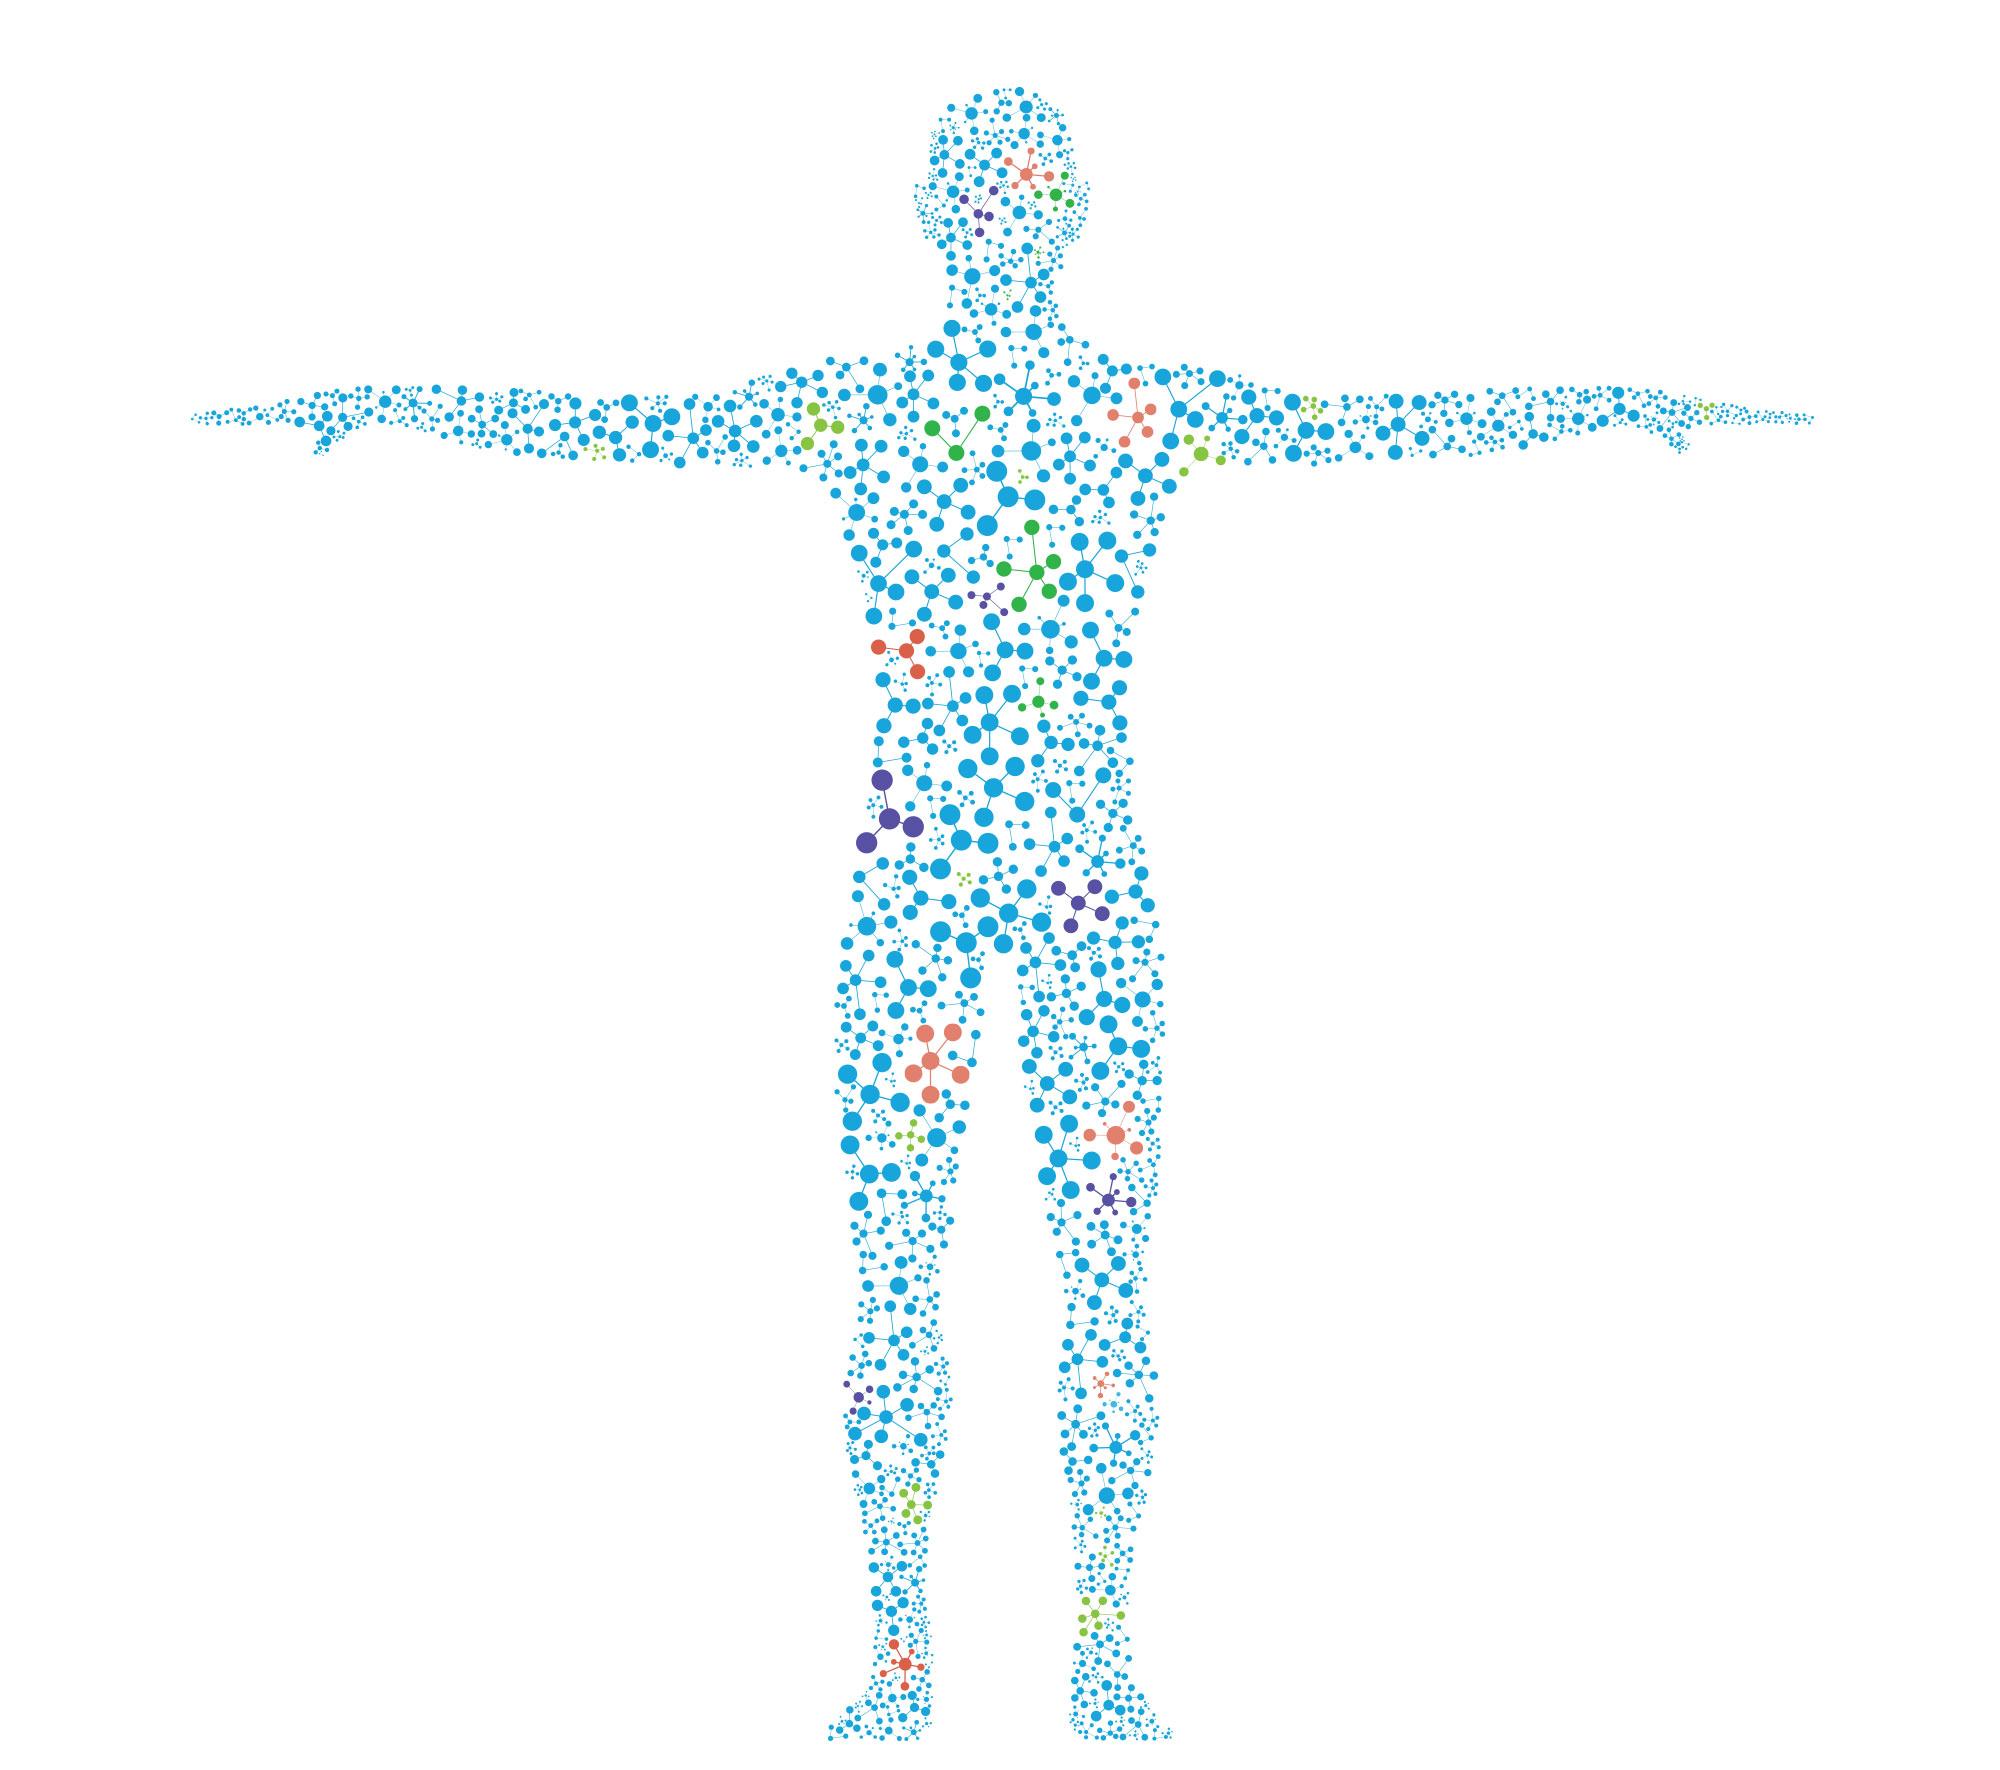 magnet medic ilustracija 2